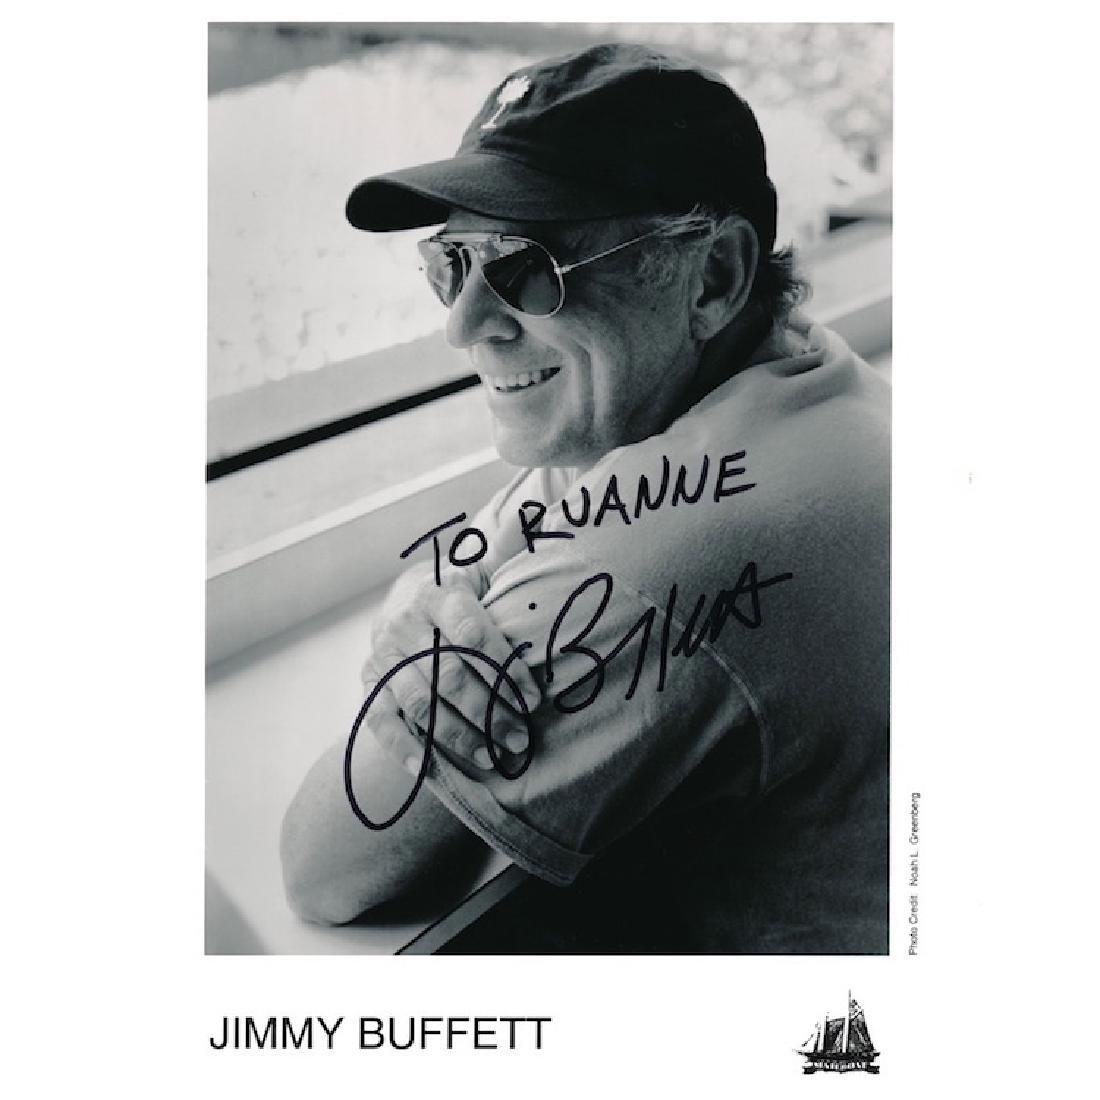 Jimmy Buffett Autographed Photograph